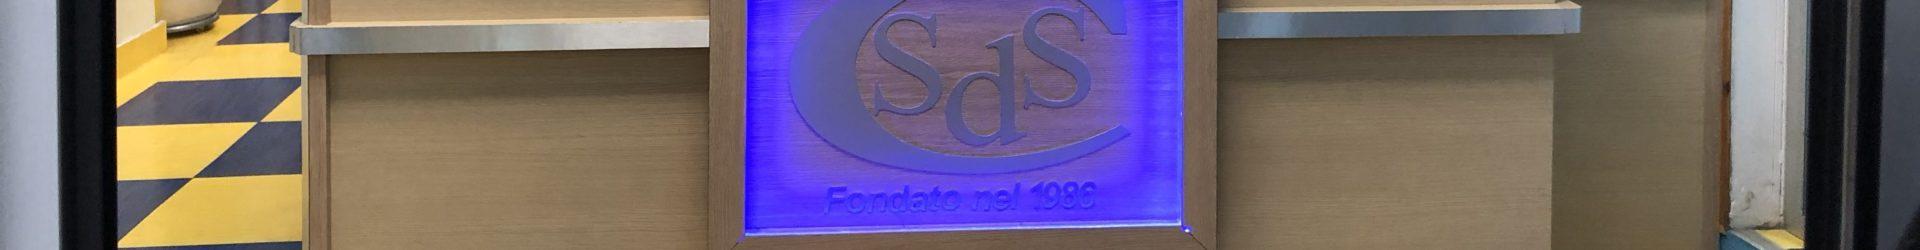 Attivita' RSA svolte nel centro studi della scoliosi